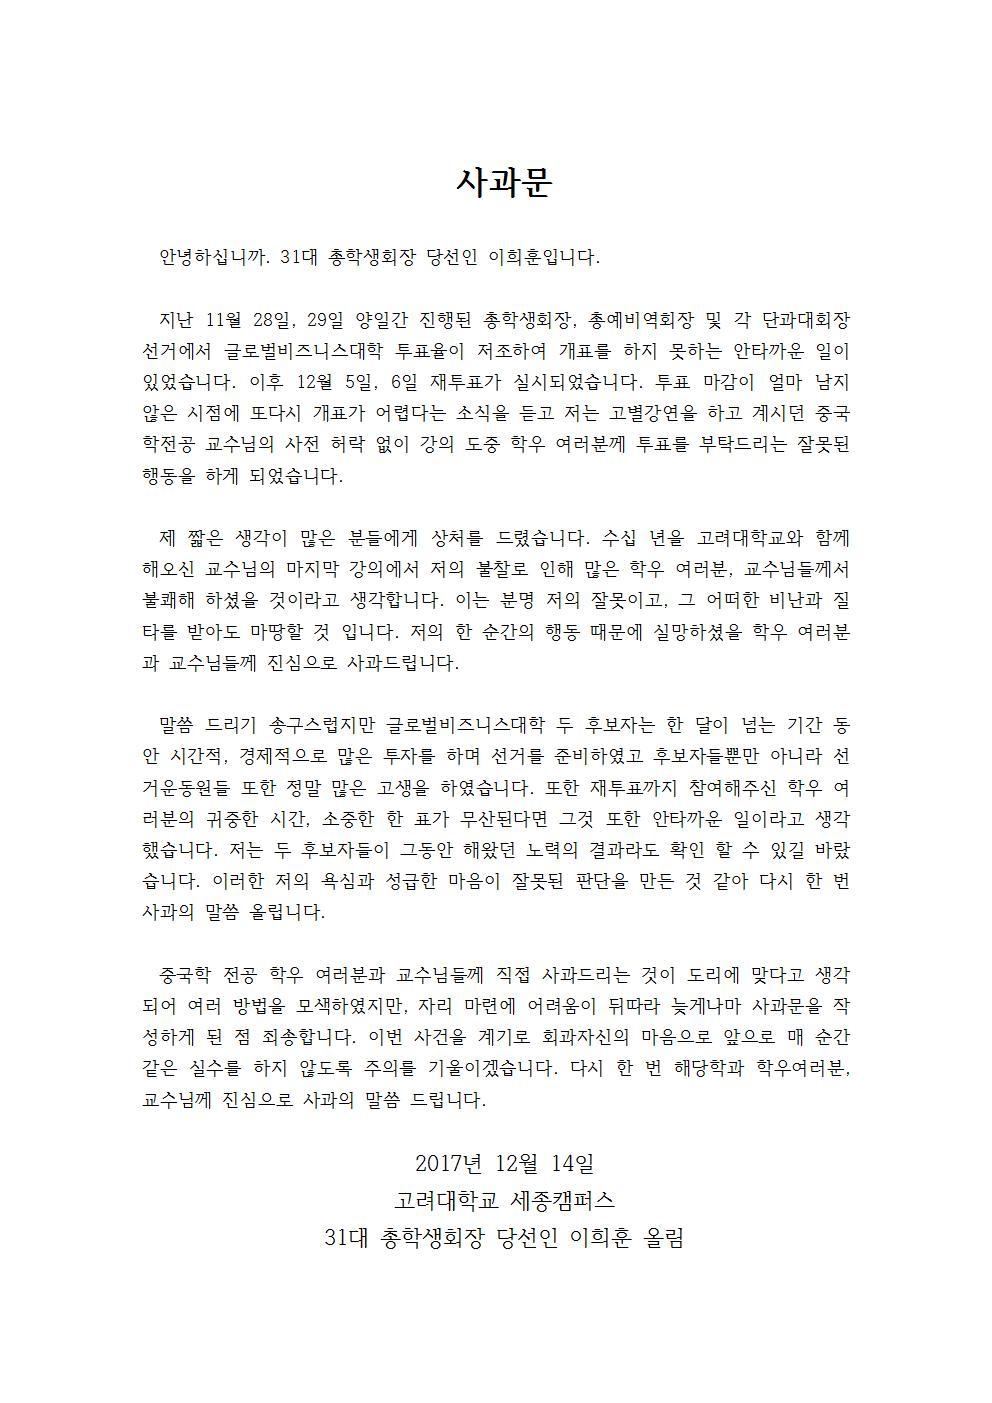 사과문 이희훈001.jpg